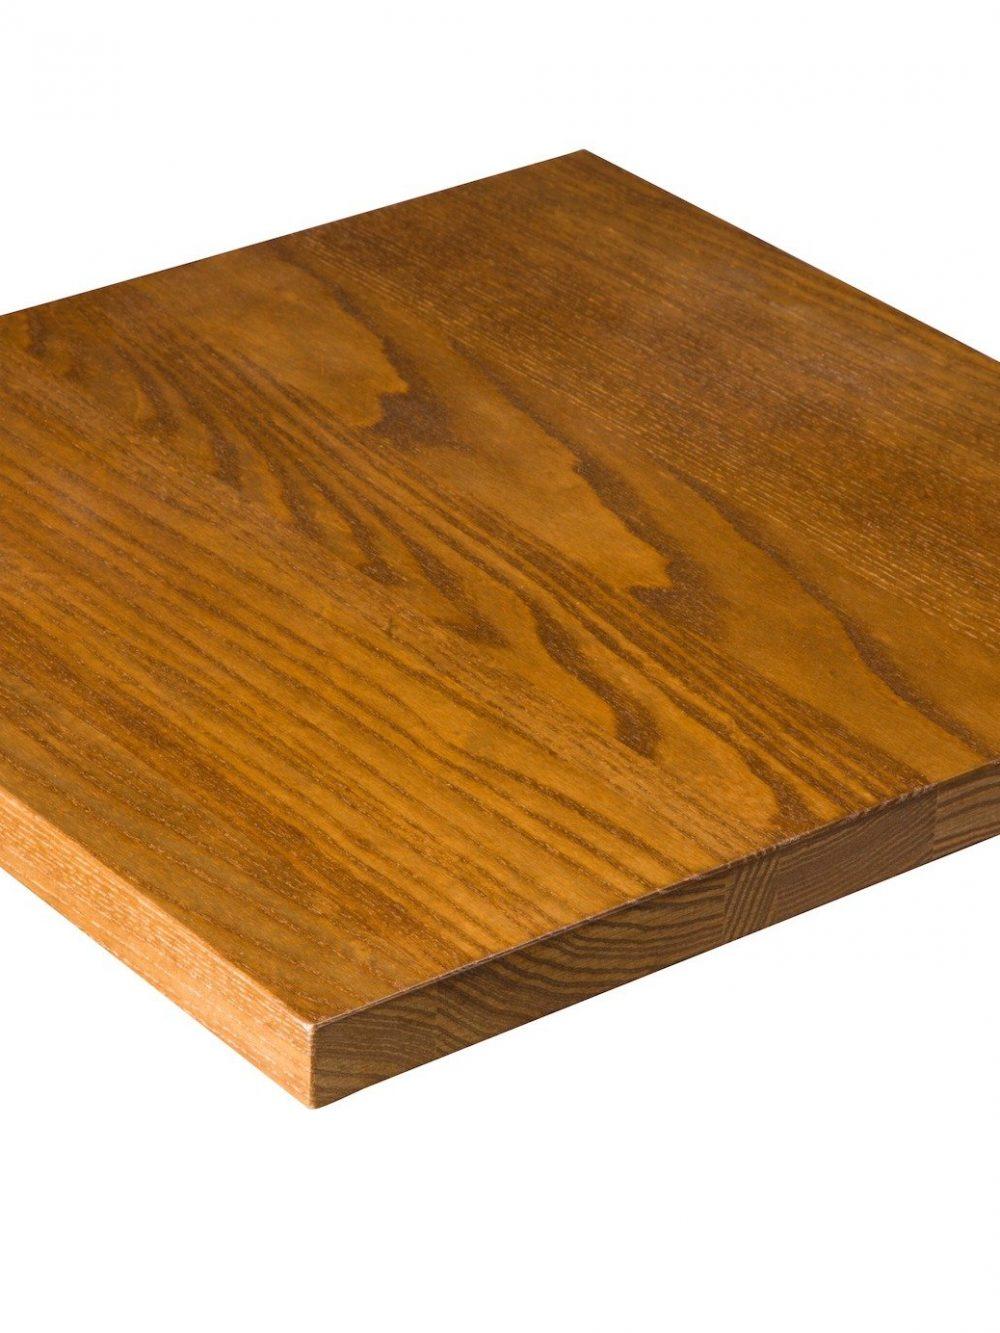 Solid Ash - Rustic Oak